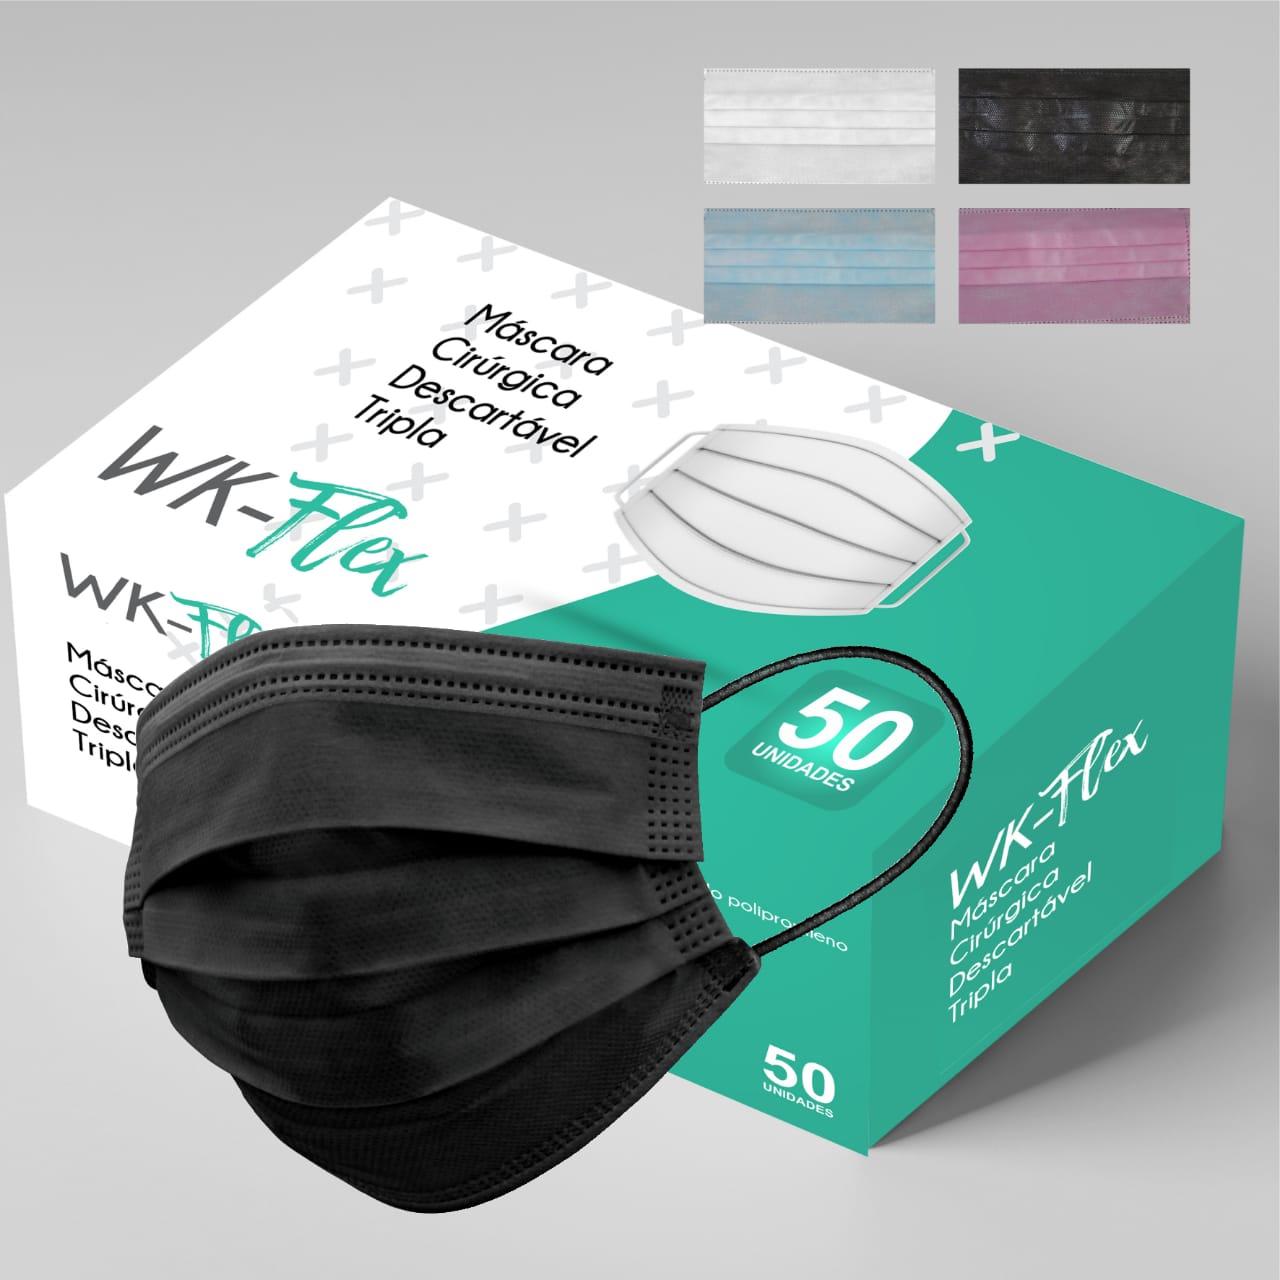 Máscara Tripla Proteção Descartável Preta Caixa com 50 - WK-Flex